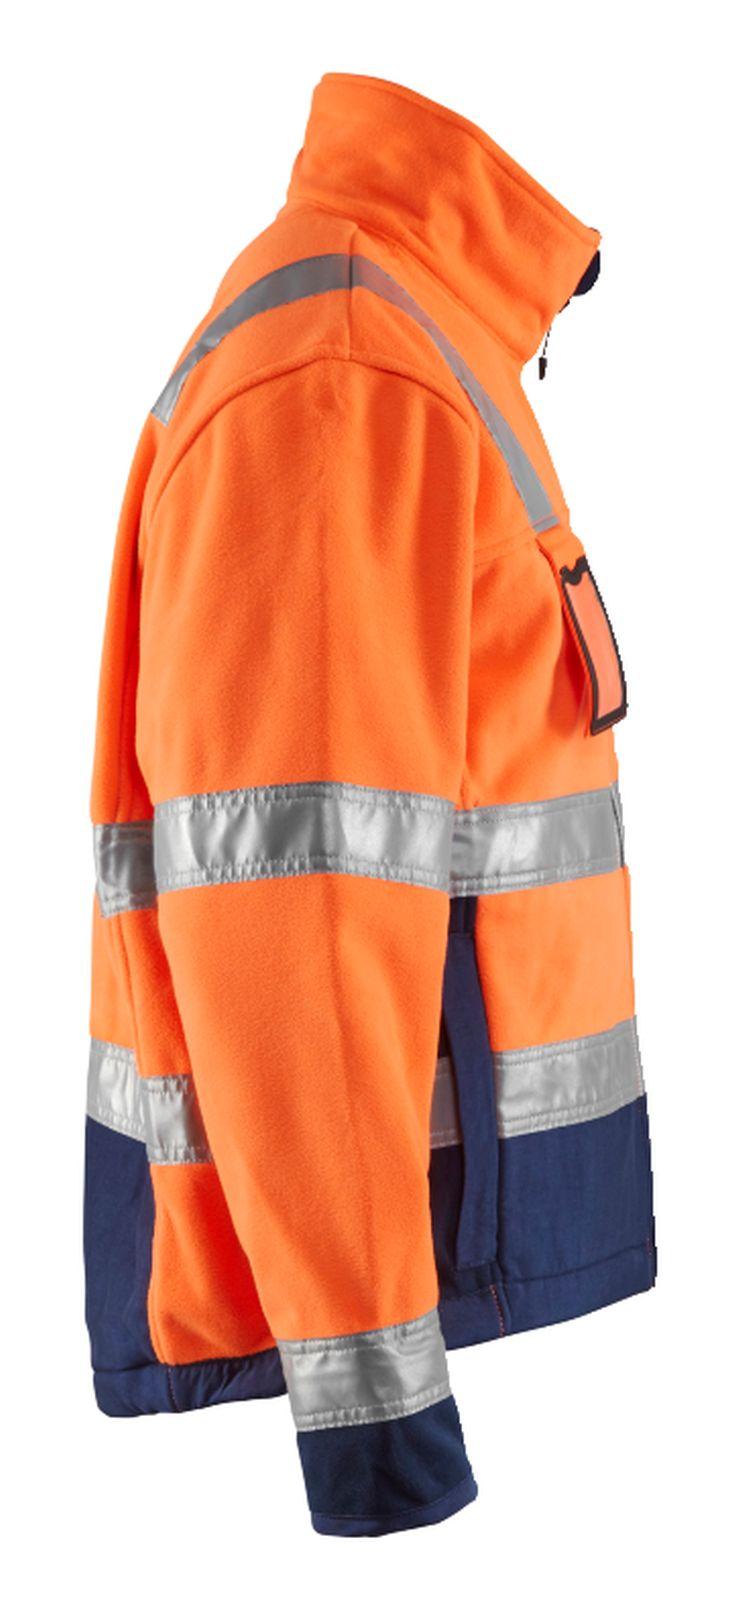 Blaklader Fleece jassen 48492545 High Vis oranje-marineblauw(5389)